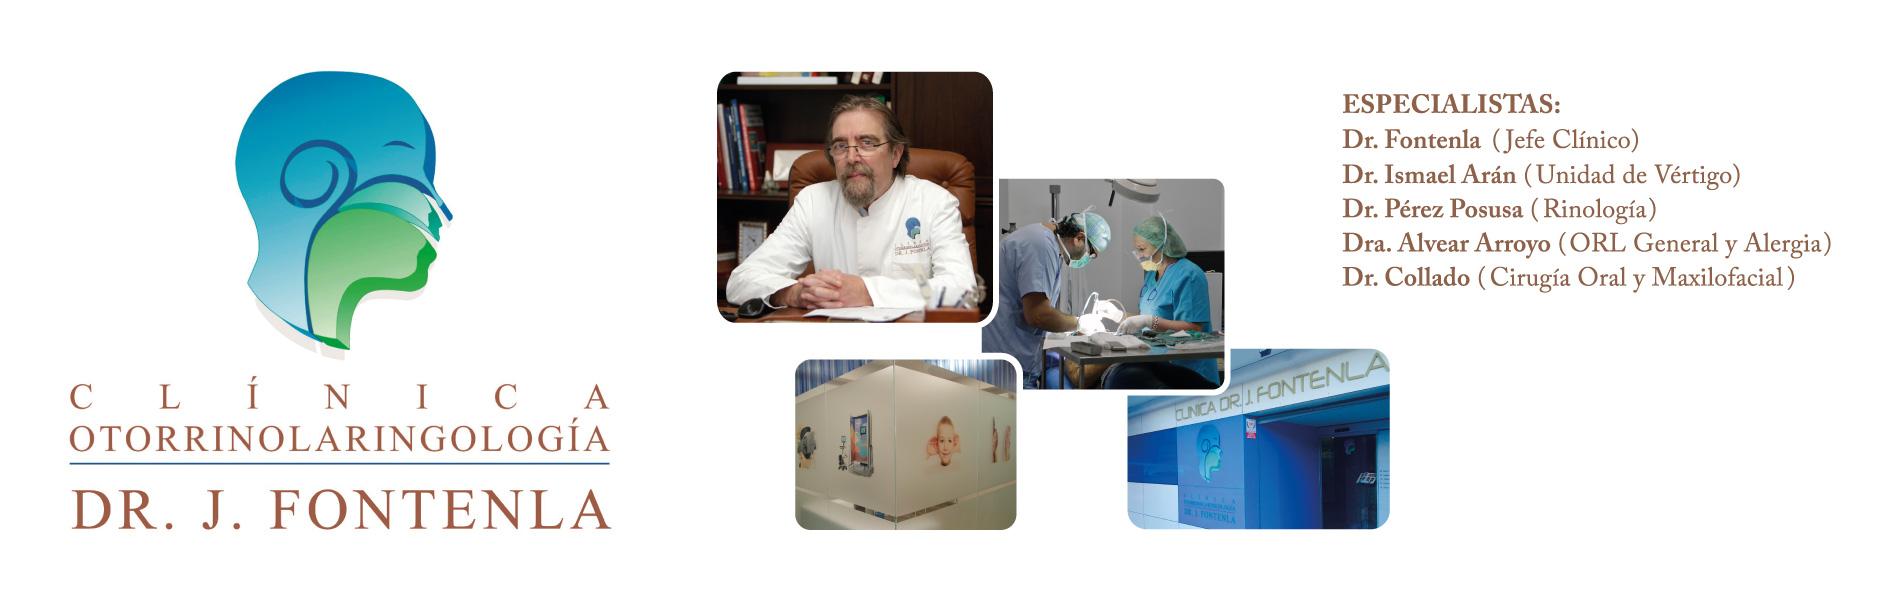 Clinica_Fontenla_Banner